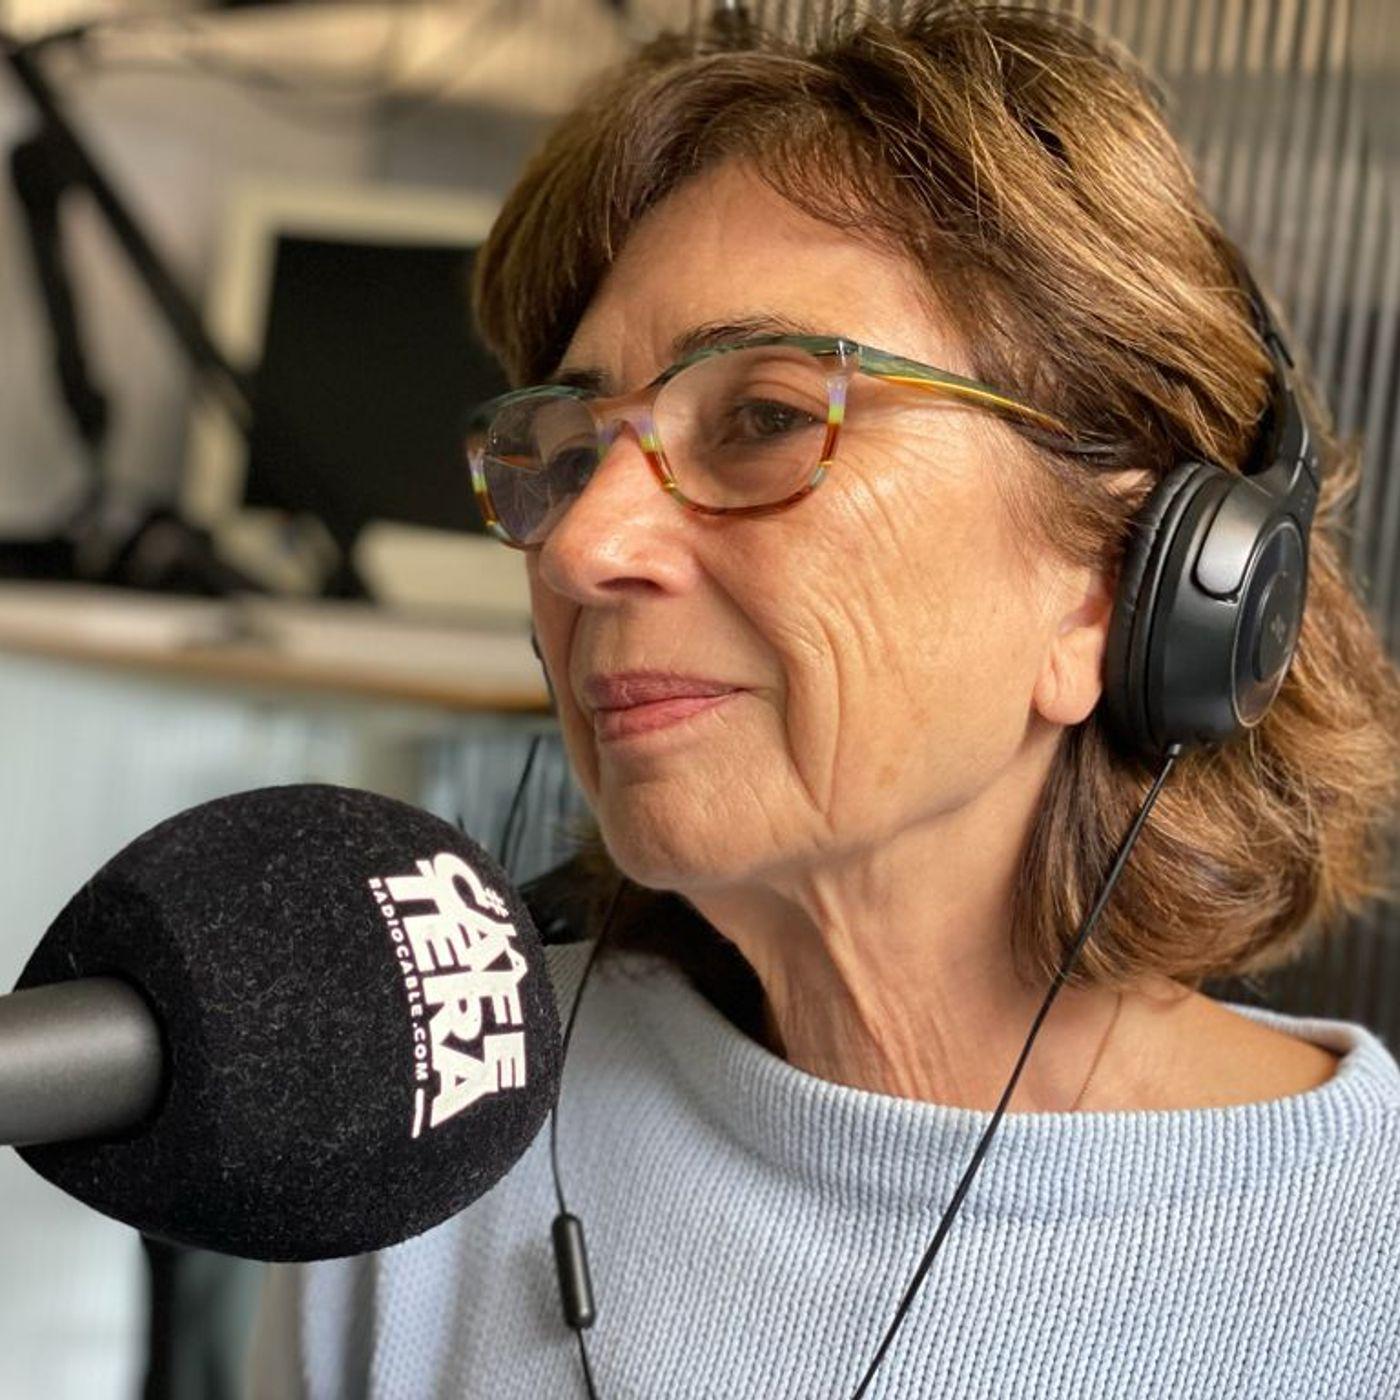 21.10.2021 SOBREMESA con @delRioPilar #LaCafeteraPresospuestos . Apoya otro periodismo. Hazte suscriptor: http://www.radiocable.com/mecenas